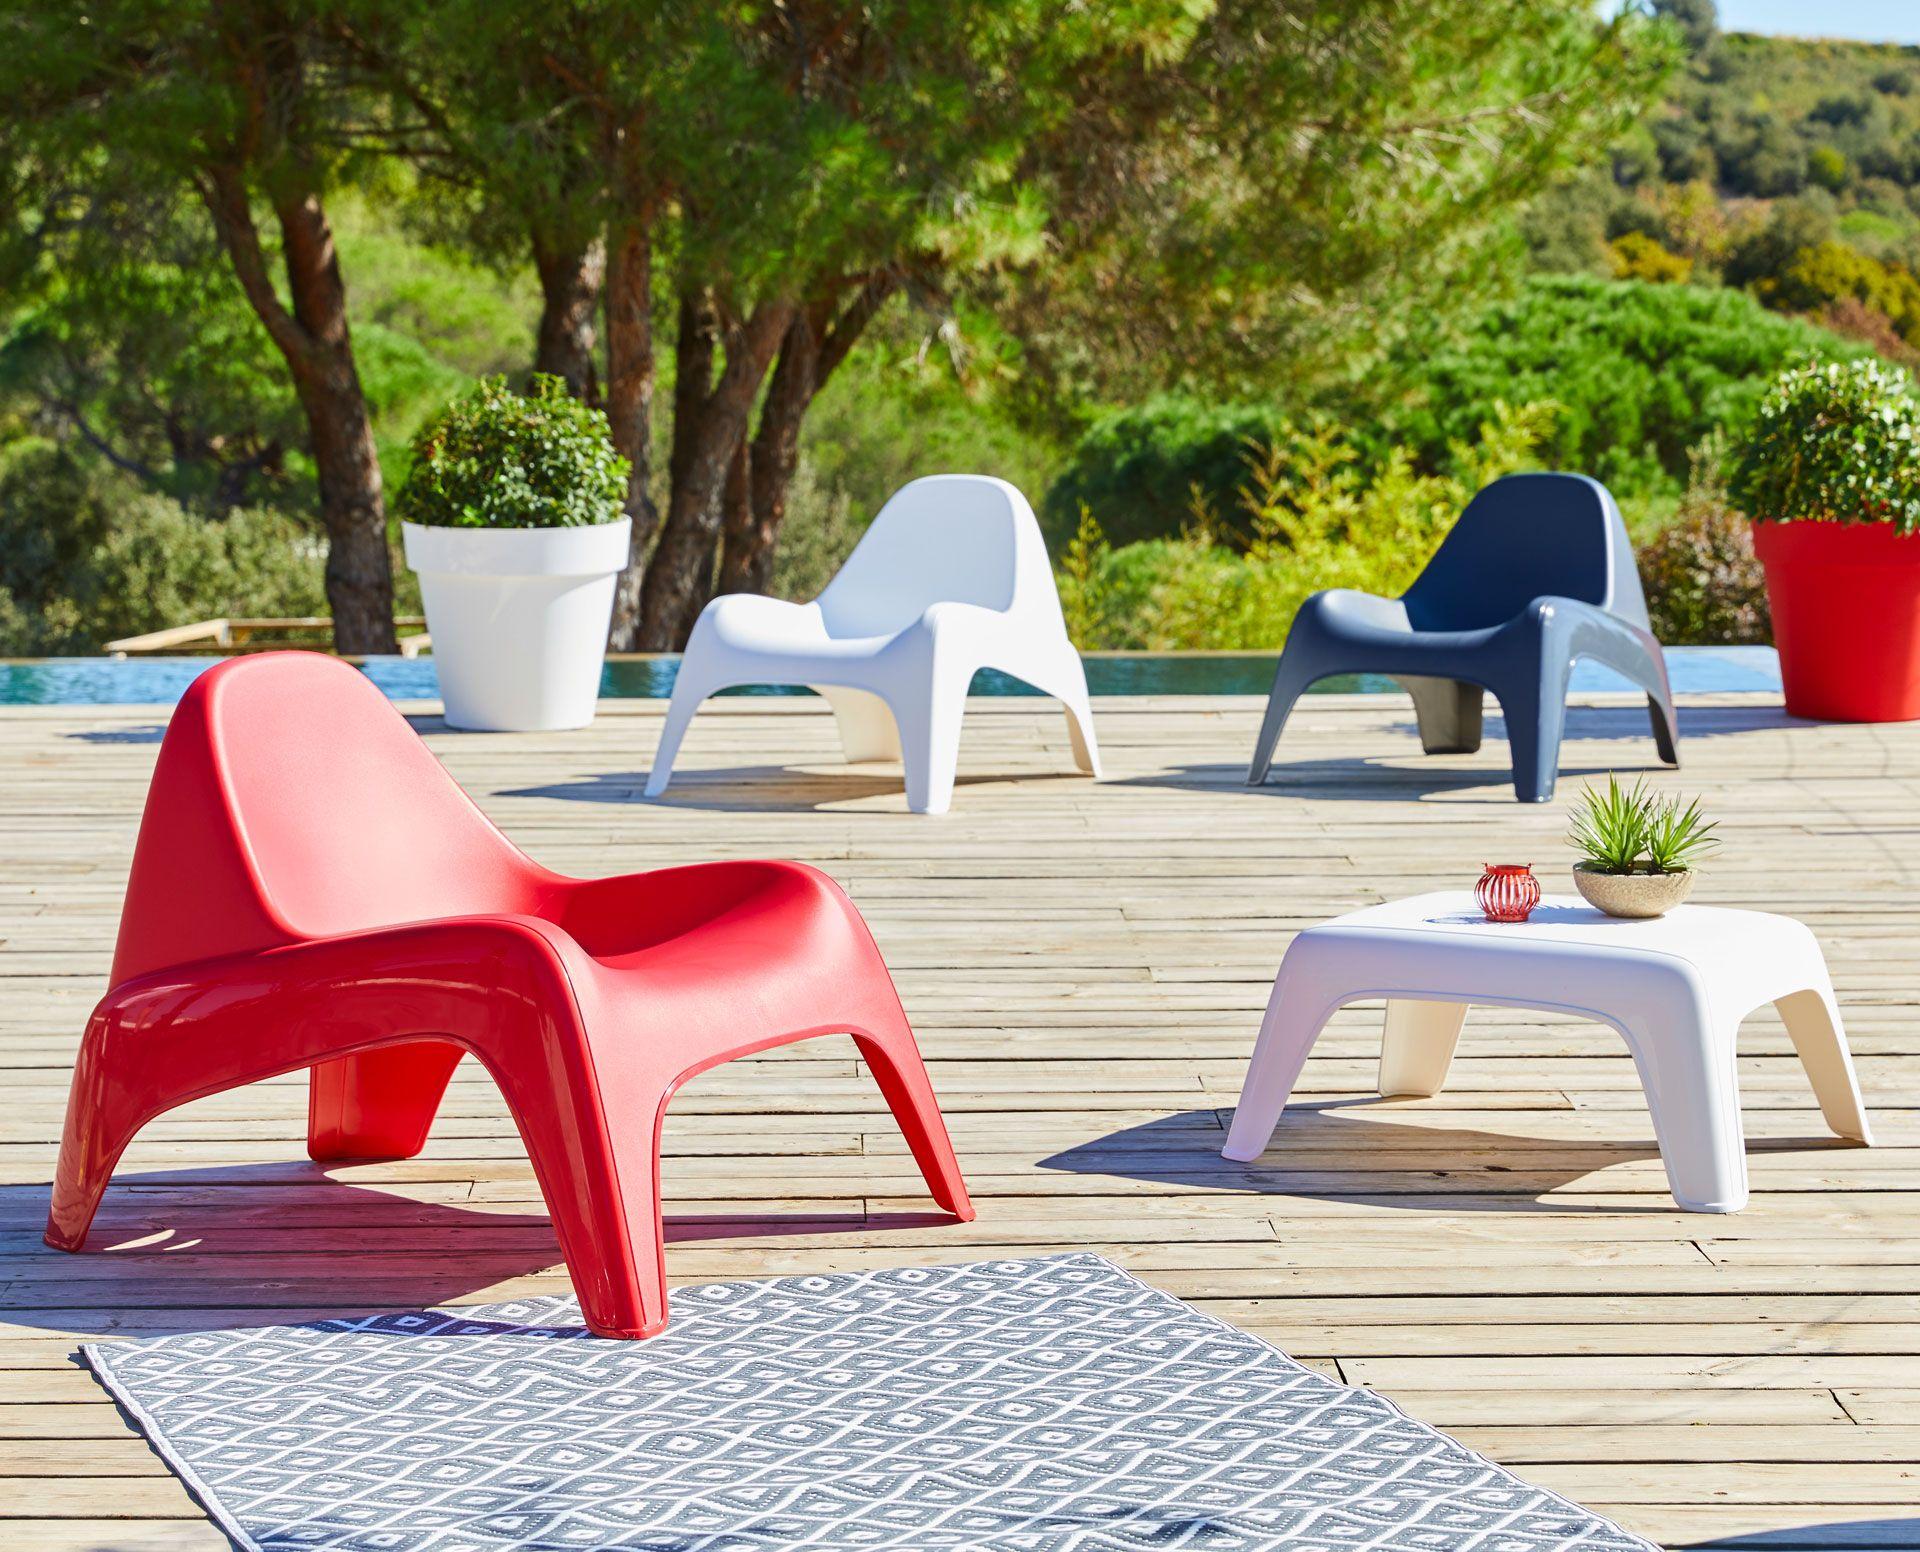 Comment Installer Une Piscine Dans Un Petit Jardin ... destiné Transat Jardin Carrefour